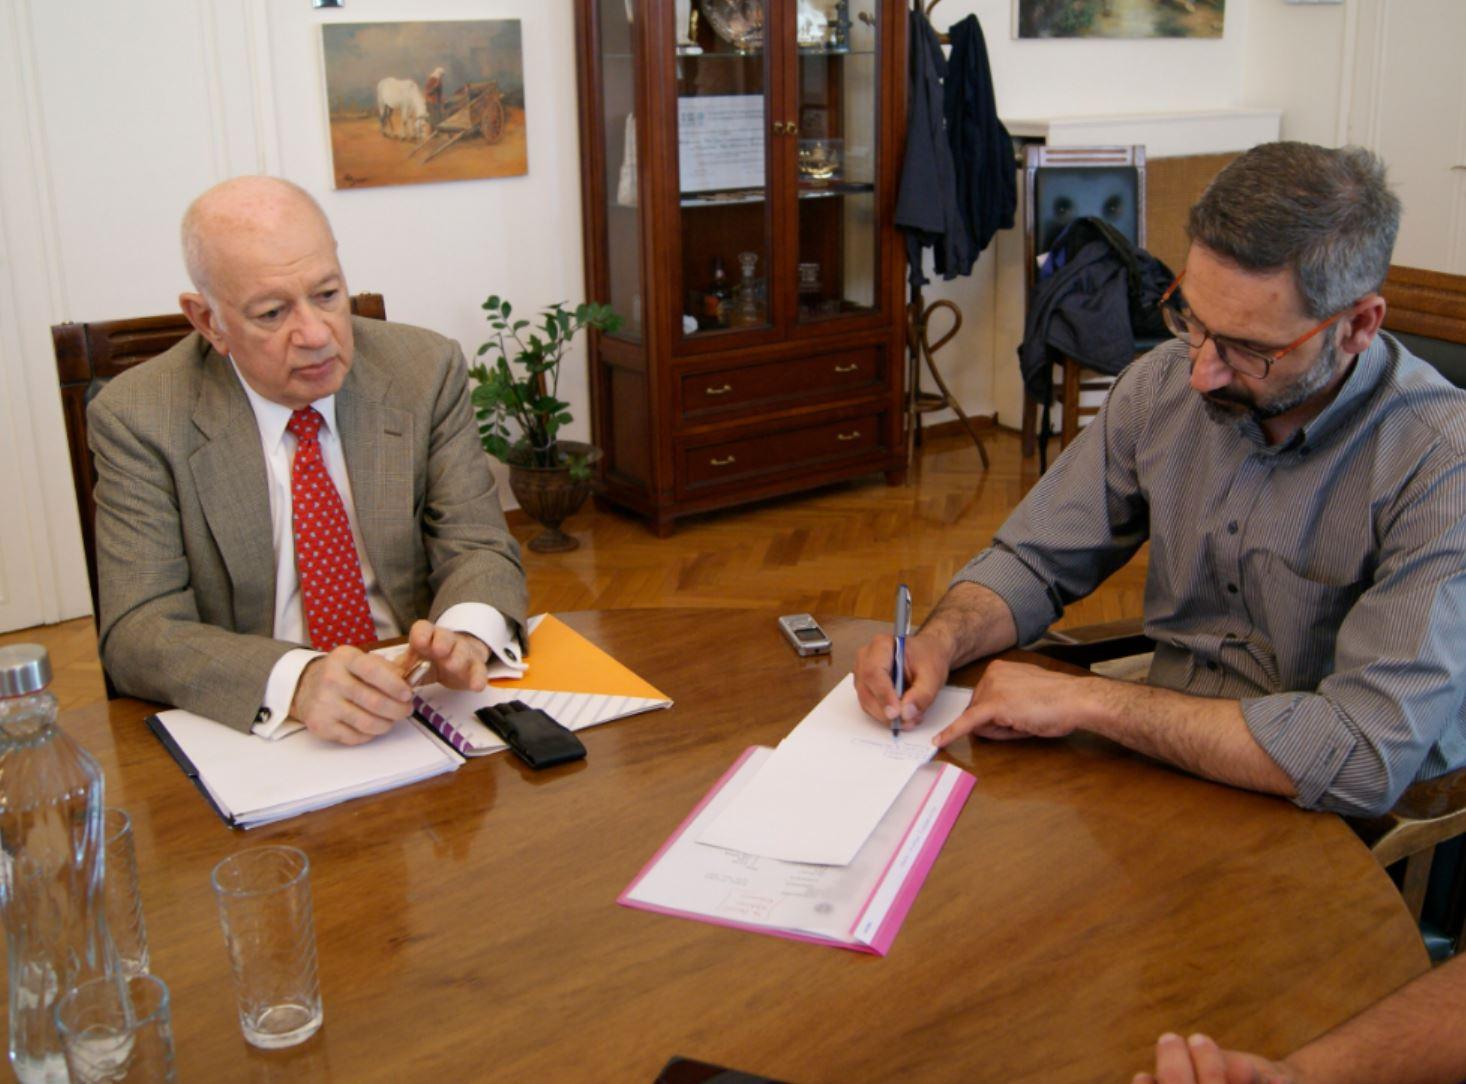 Συνάντηση δημάρχου Κοζάνης με τον Υπουργό Οικονομίας κι Ανάπτυξης, Δημήτρη Παπαδημητρίου (Φωτογραφίες)